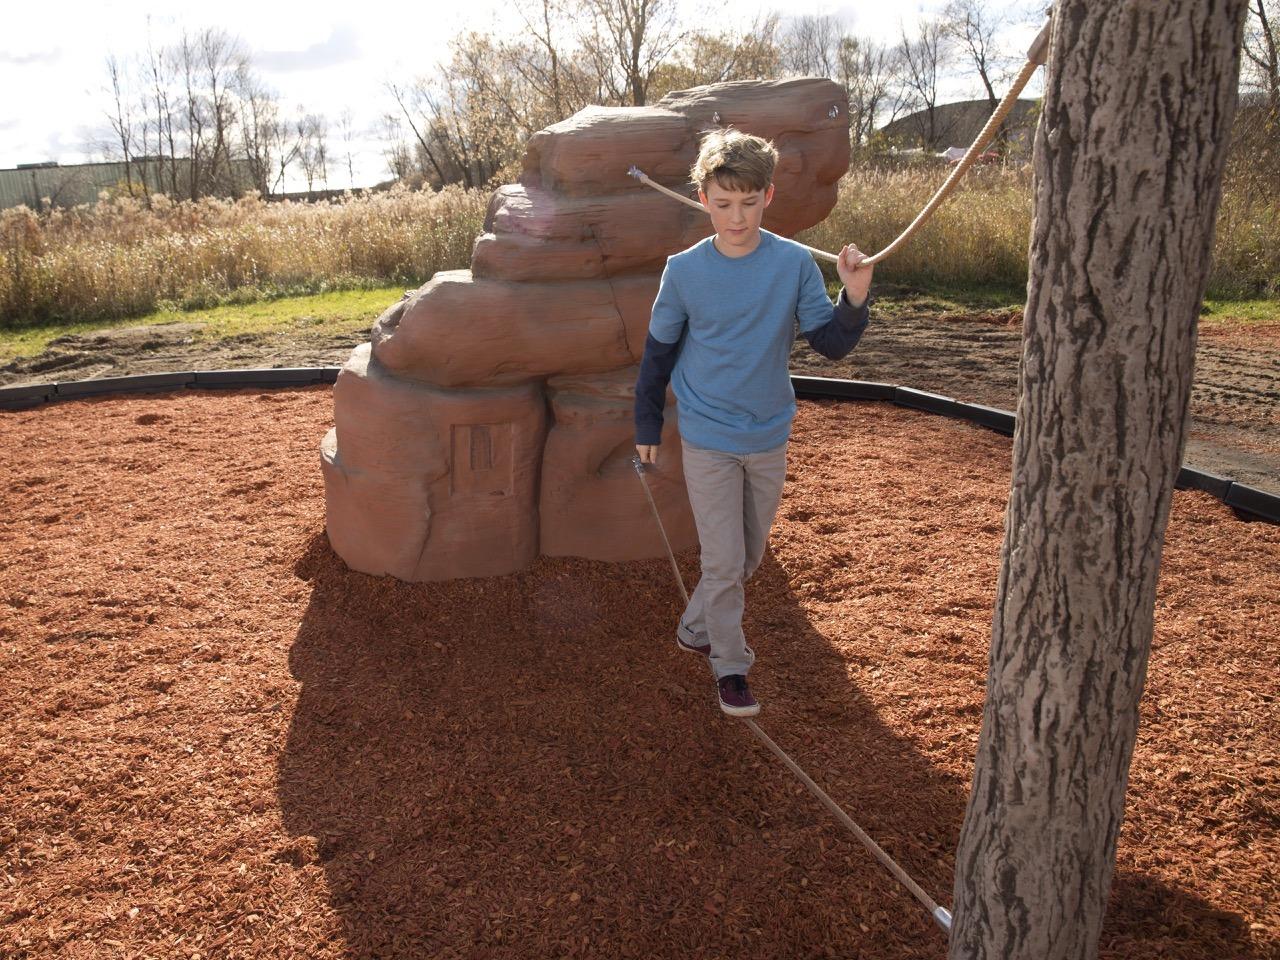 playground climbing boulder with nets mount hayden 1